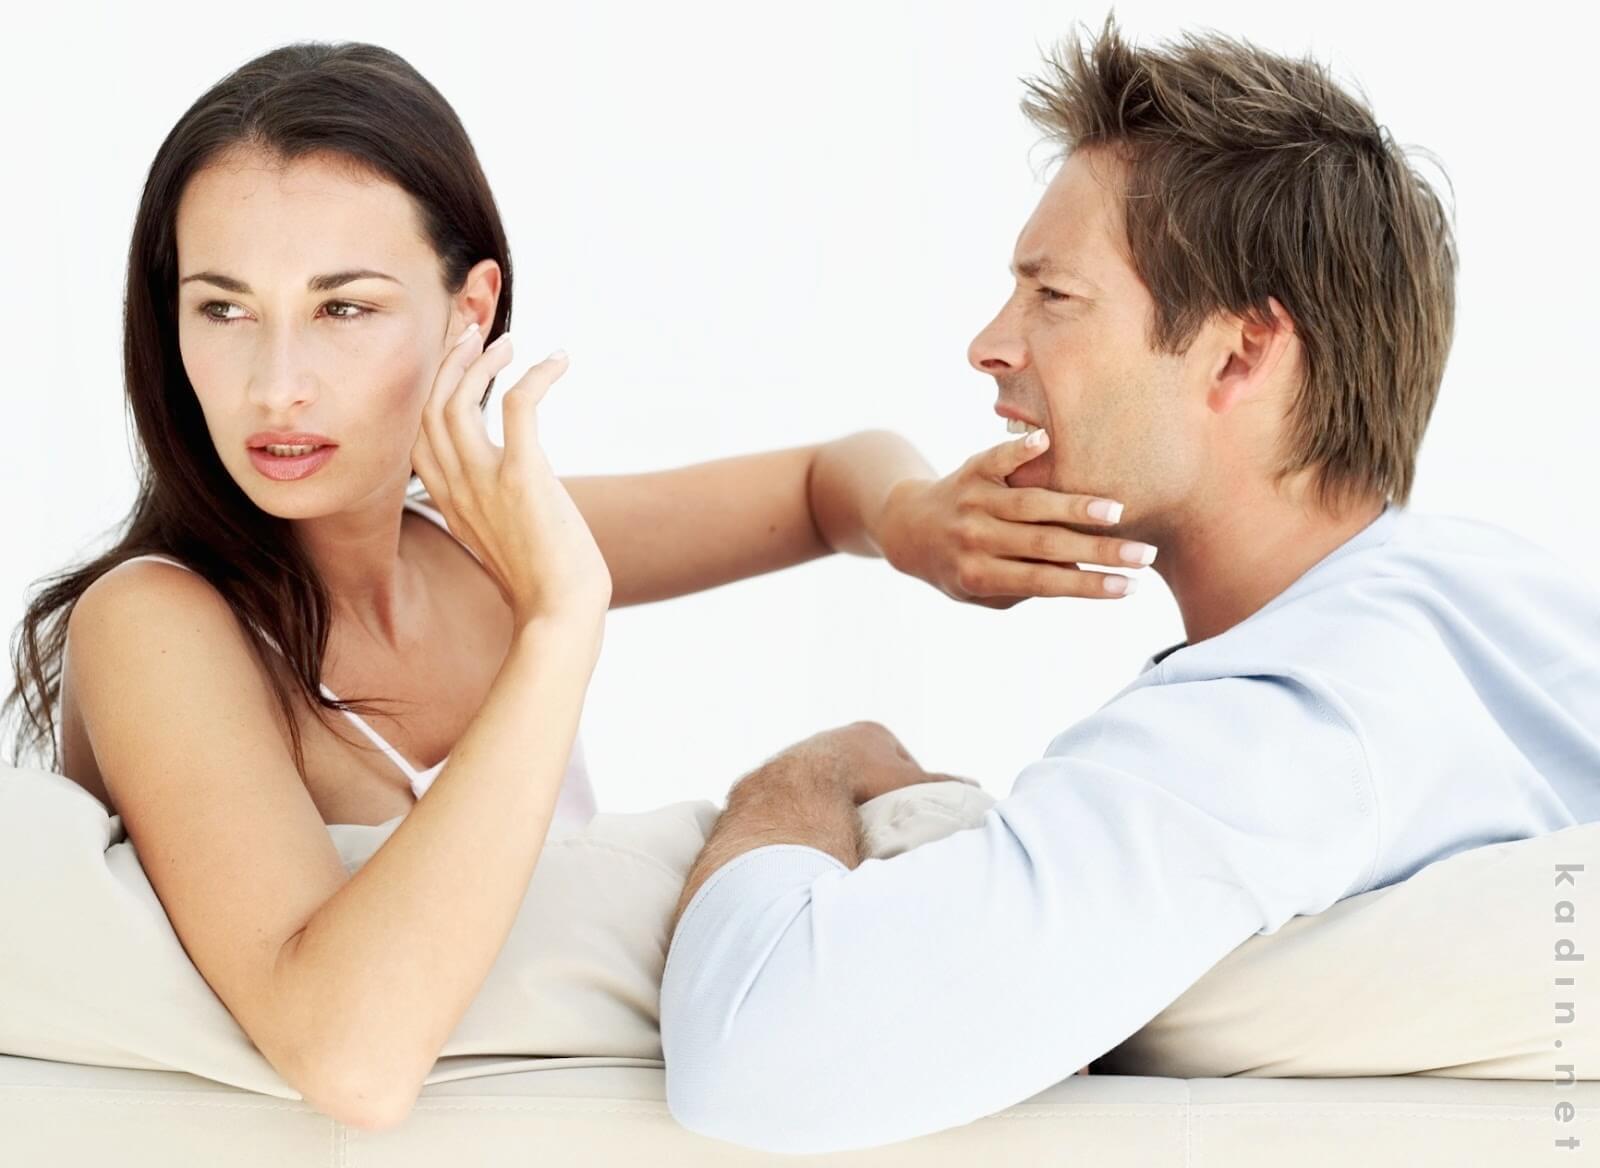 Что сделать, чтобы муж хотел жену? Много-хочу. ру 53